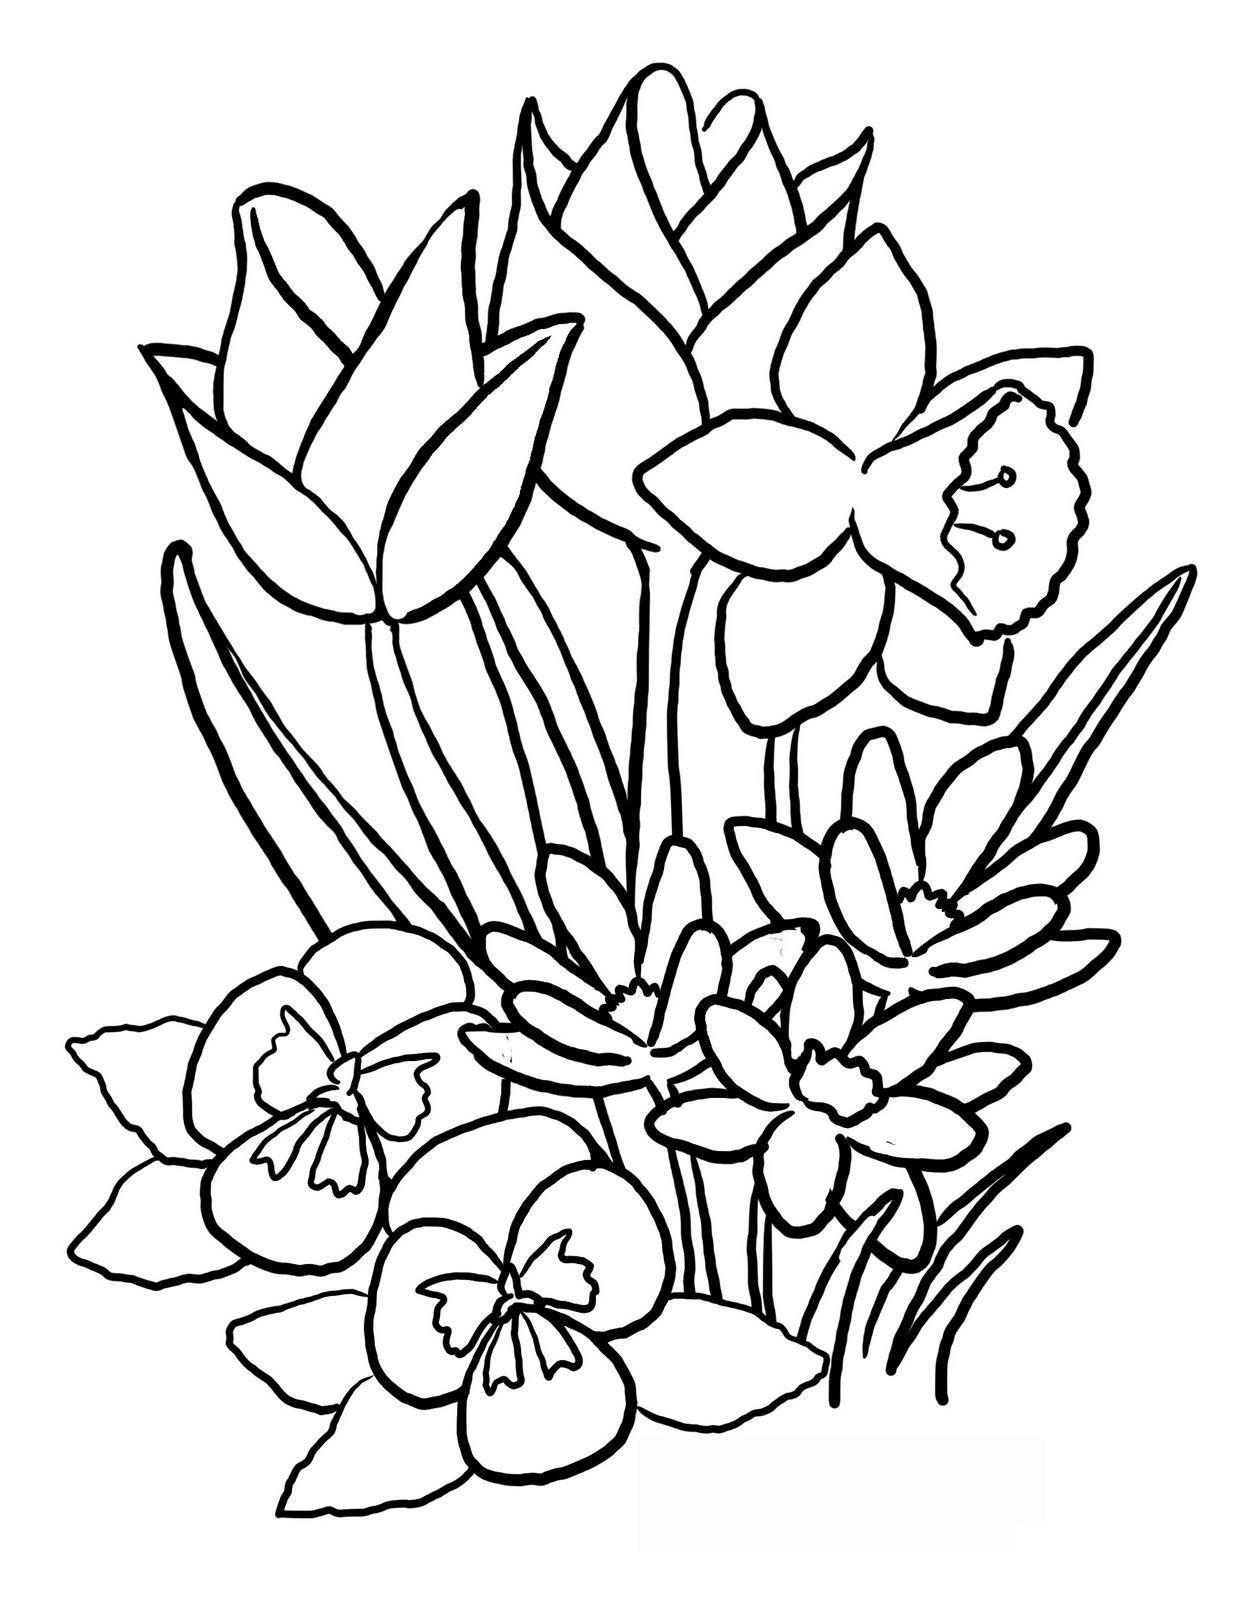 Полевые цветы на лугу Раскраски цветов бесплатно